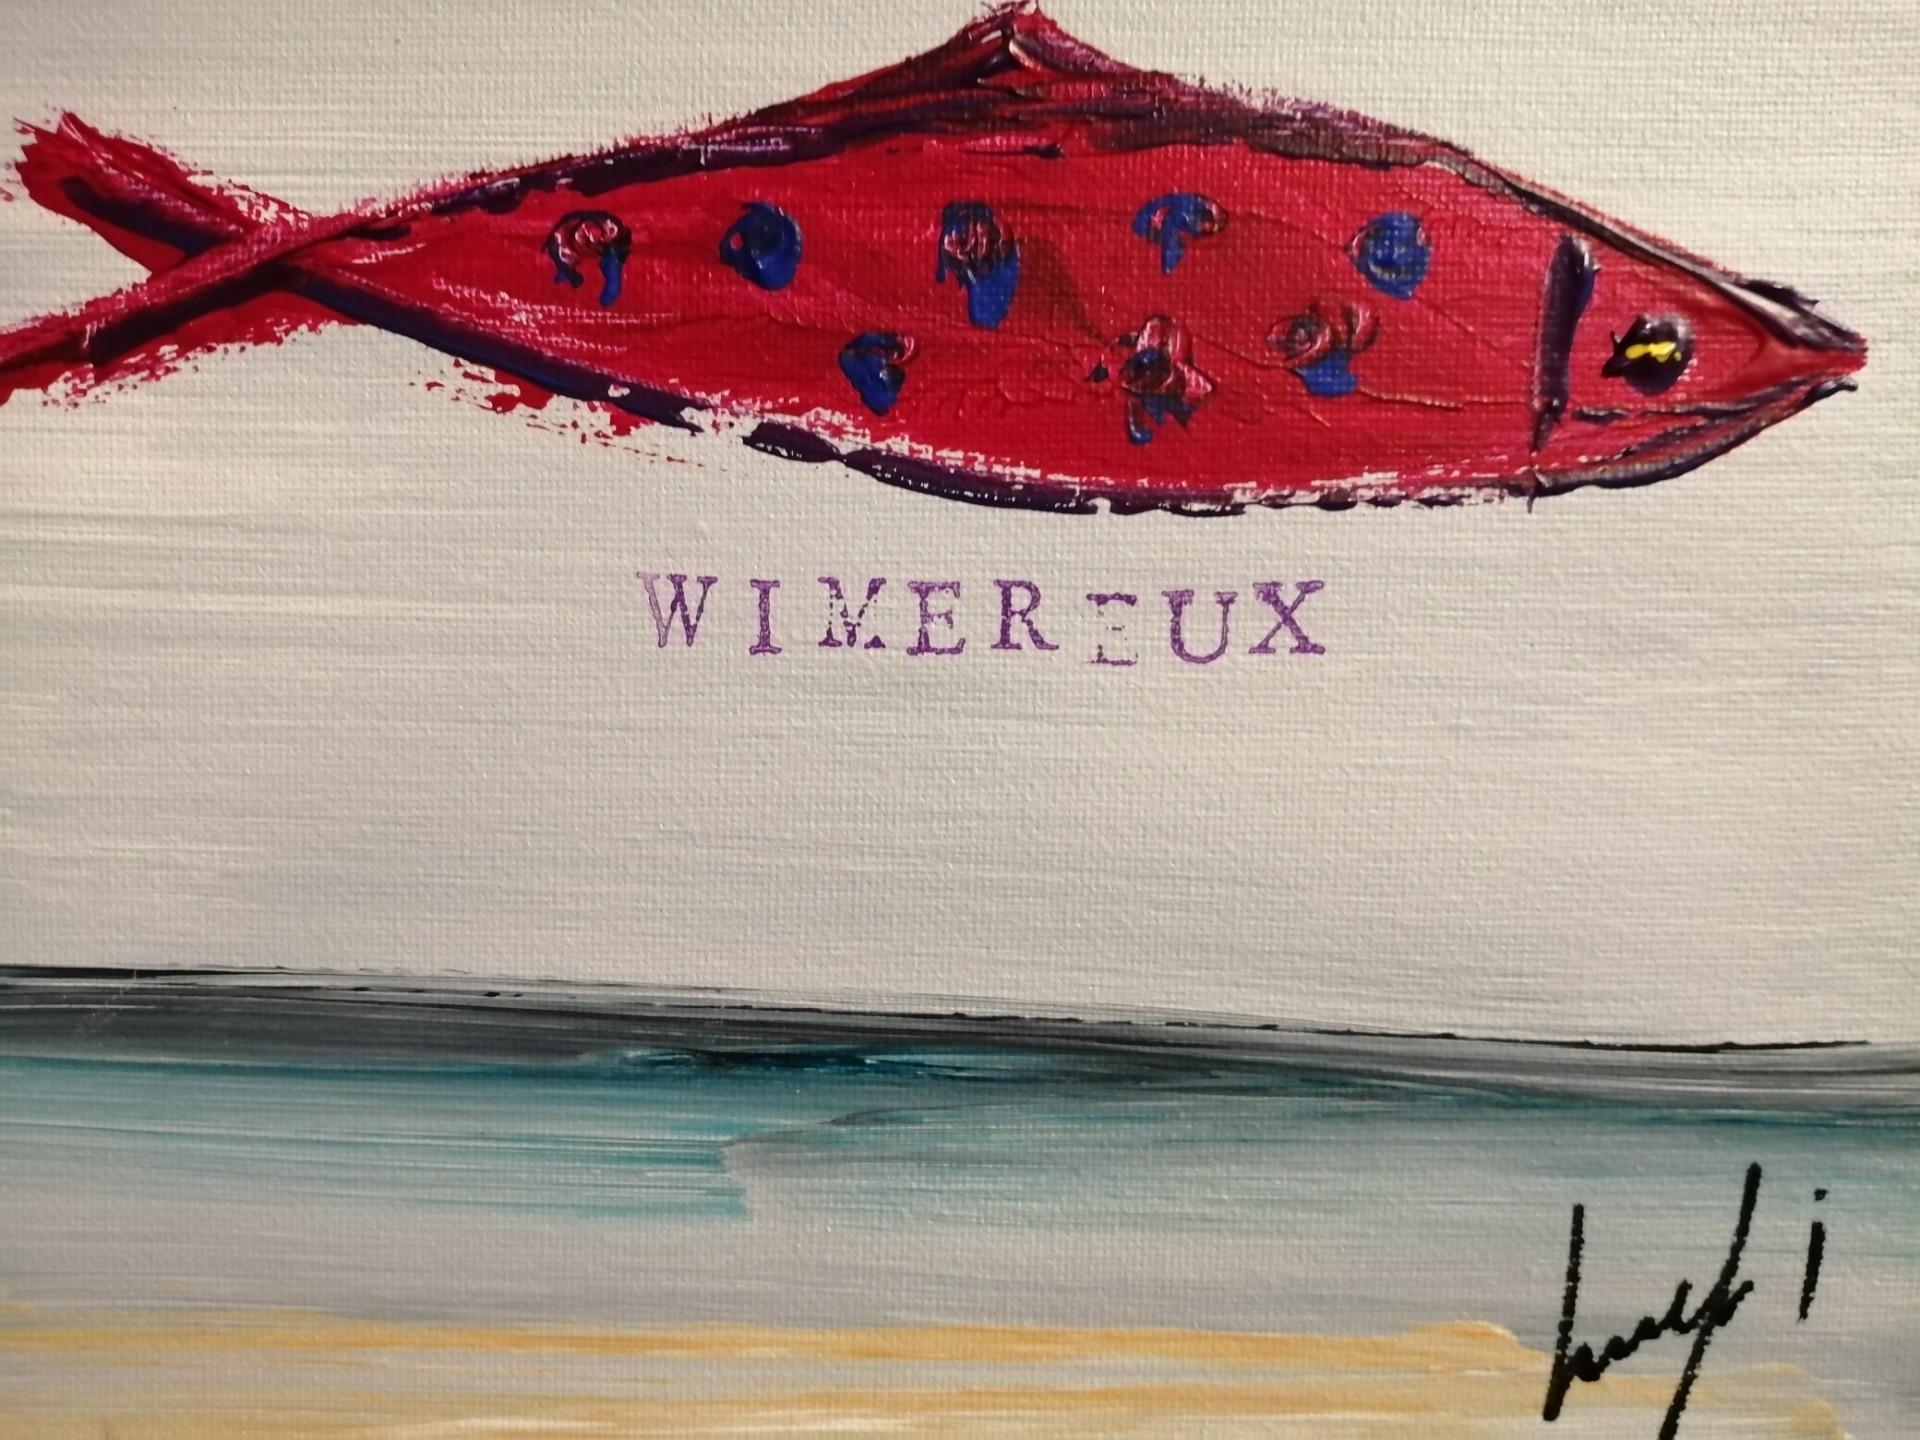 la sardine de wimereux